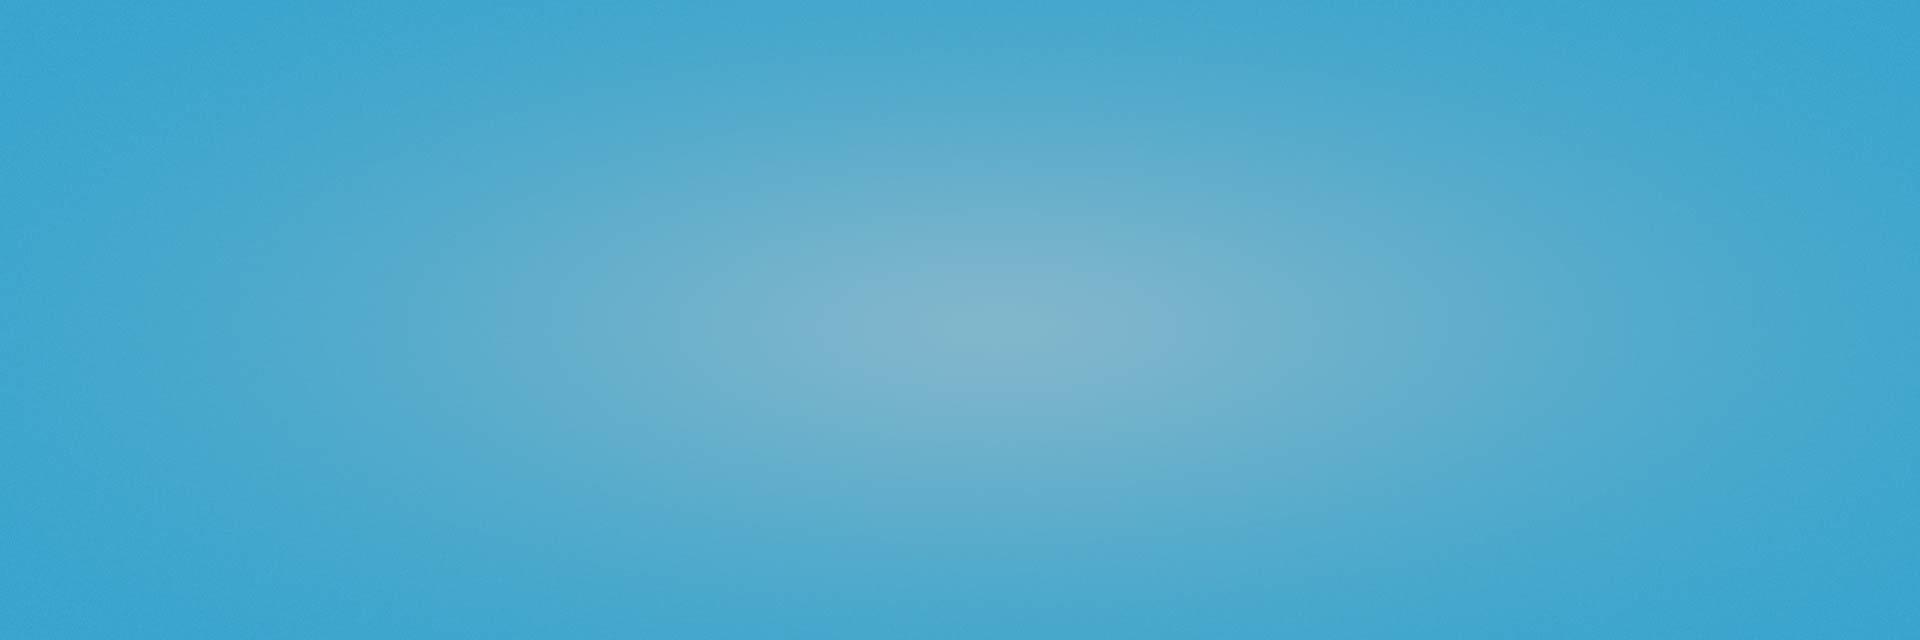 header_background_light_blue.jpg